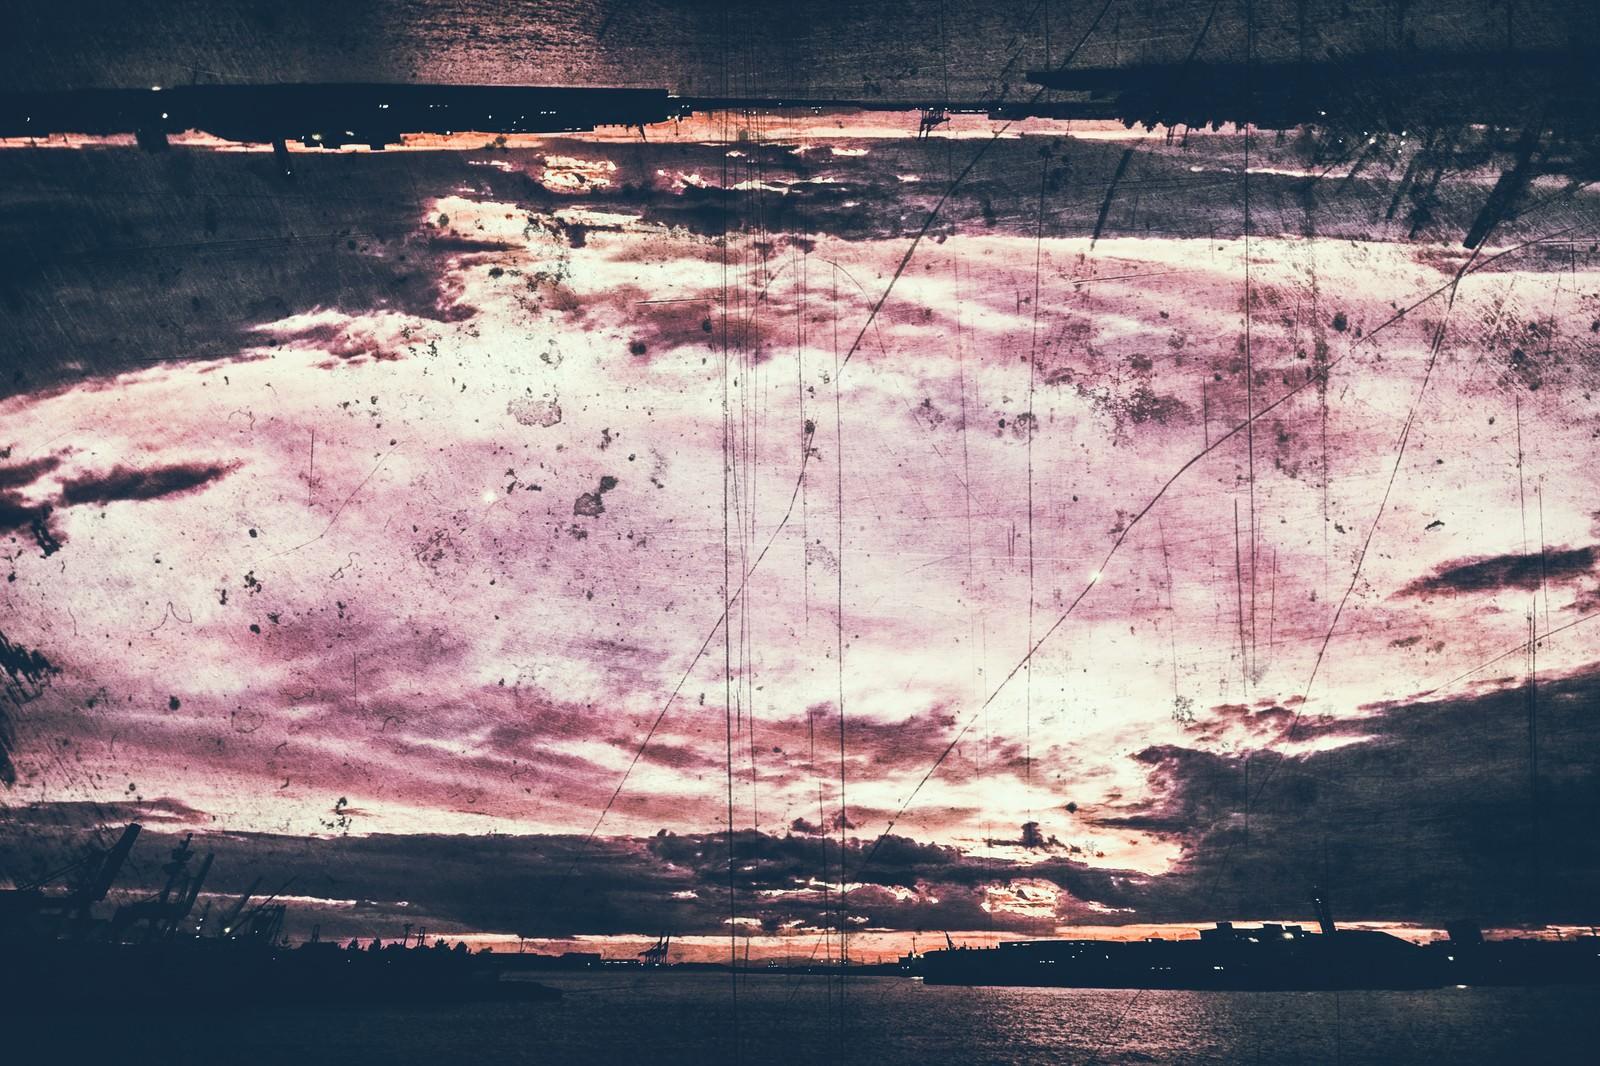 「日が落ちることのない夕暮れ」の写真